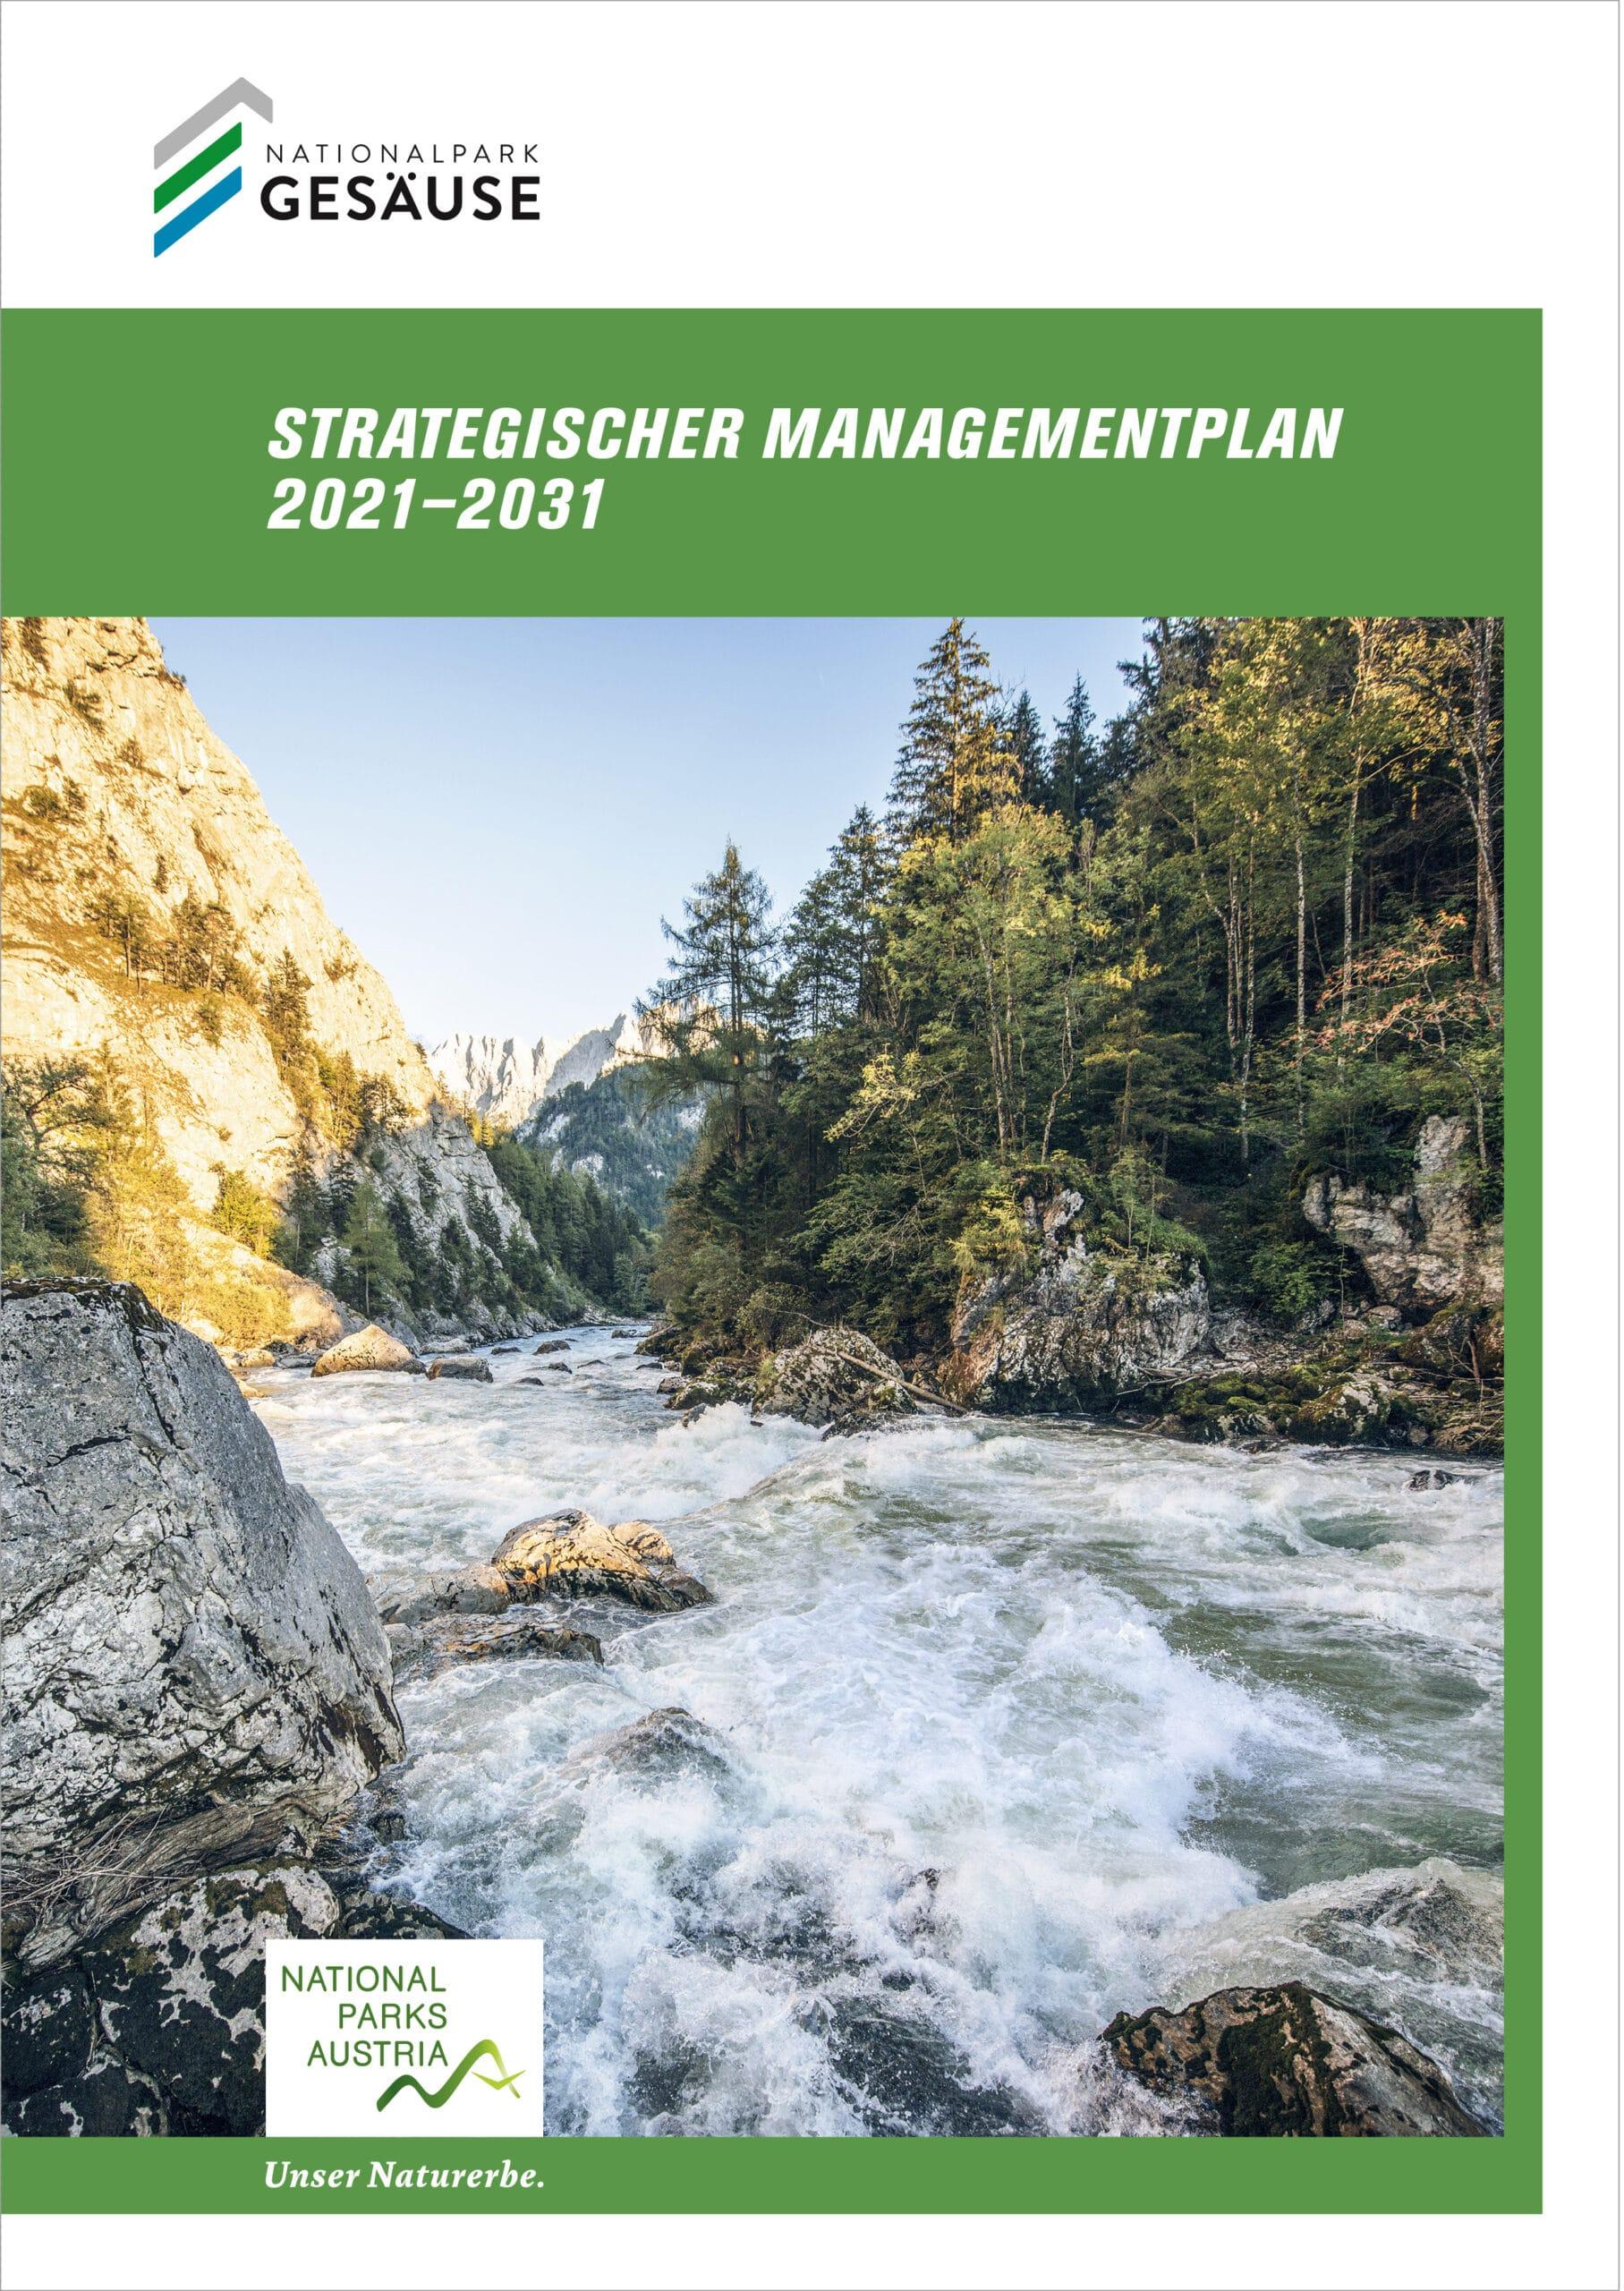 Der strategische Managementplan für die nächsten zehn Jahre (Copyright Stefan Leitner)